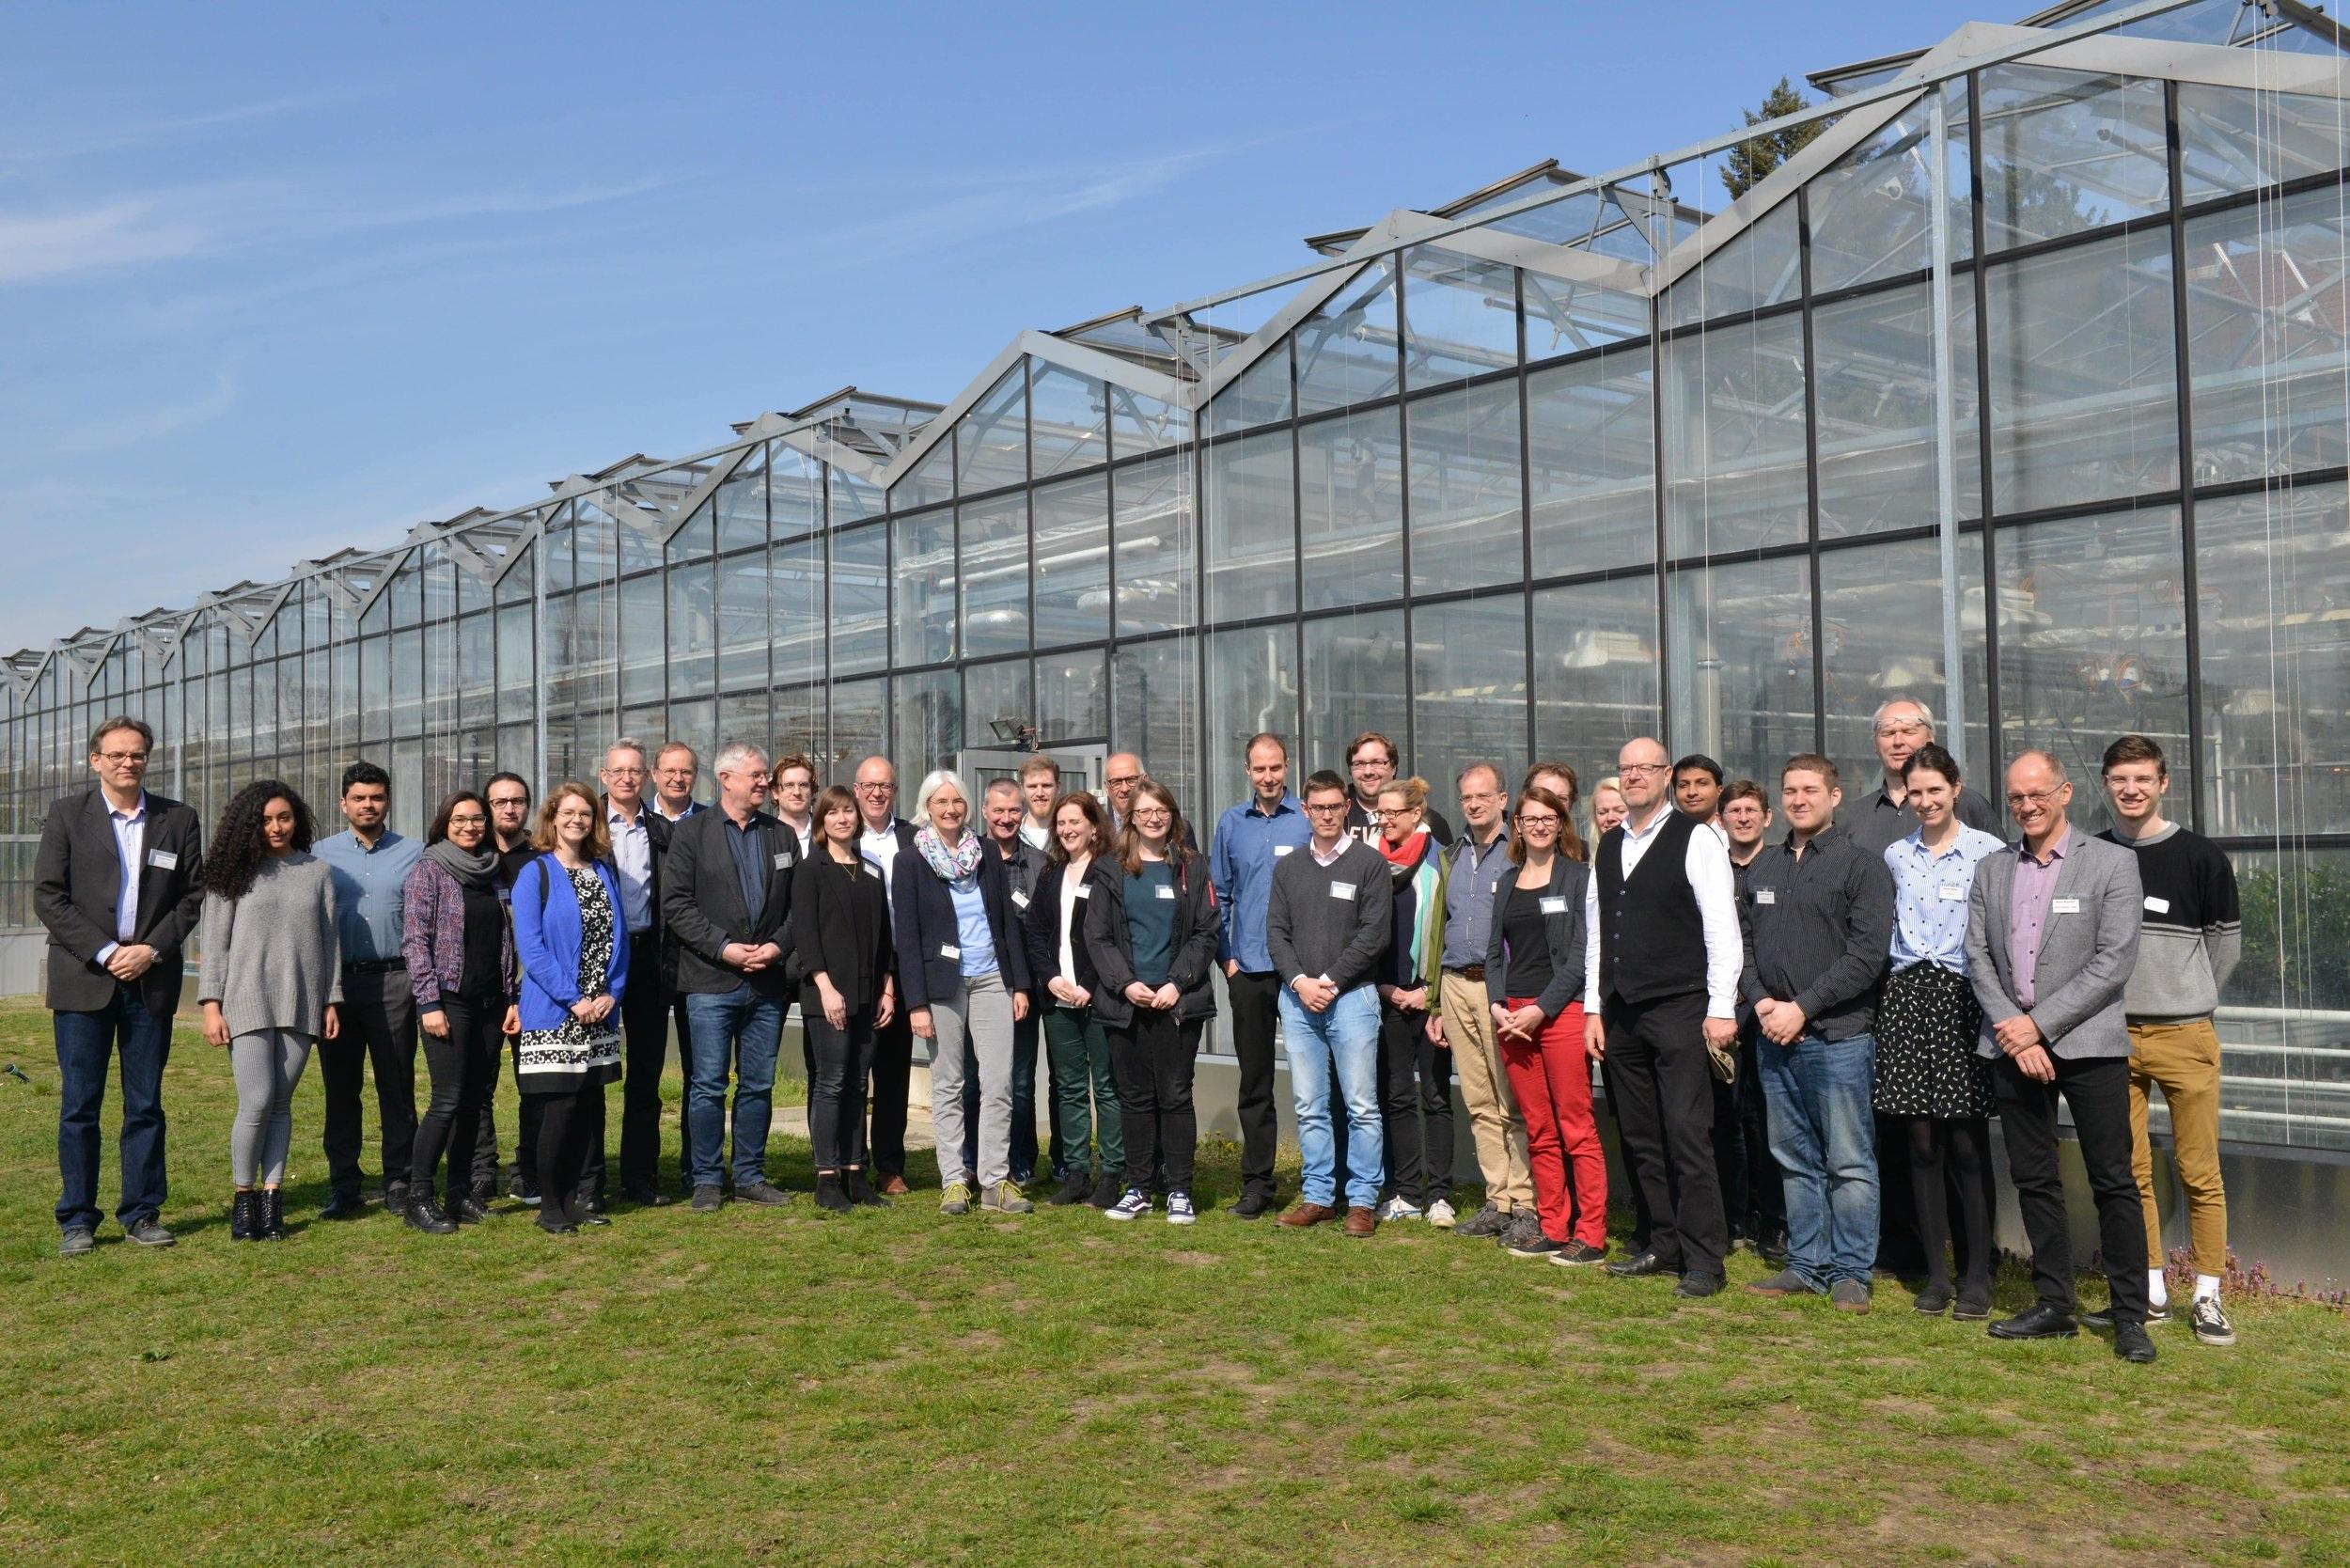 CUBES Circle Workshop - Vom 3. bis 5. April 2019 fand am Standort in Berlin-Dahlem der CUBES Circle Auftaktworkshop unter Teilnahme der Wissenschaftler/innen, Praxispartner/innen und des wissenschaftlichen Beirats statt.